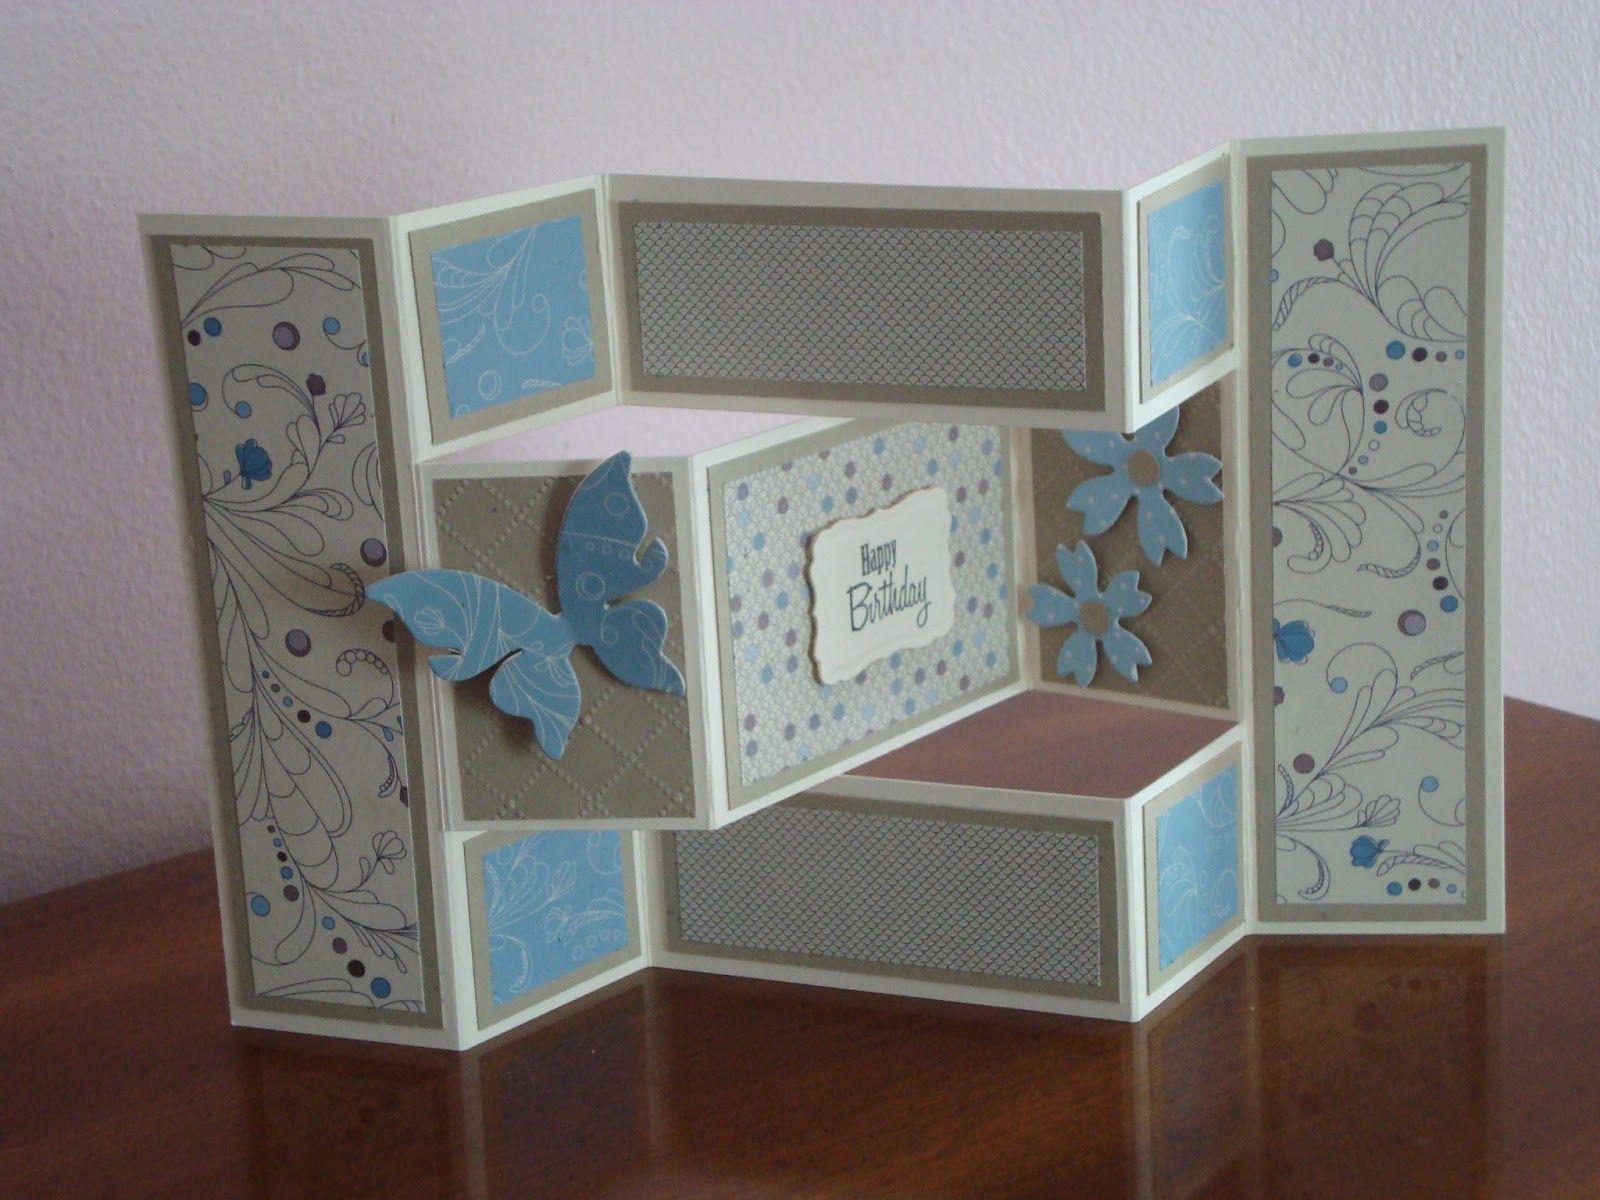 Открытки, открытки раскладушки для мальчика